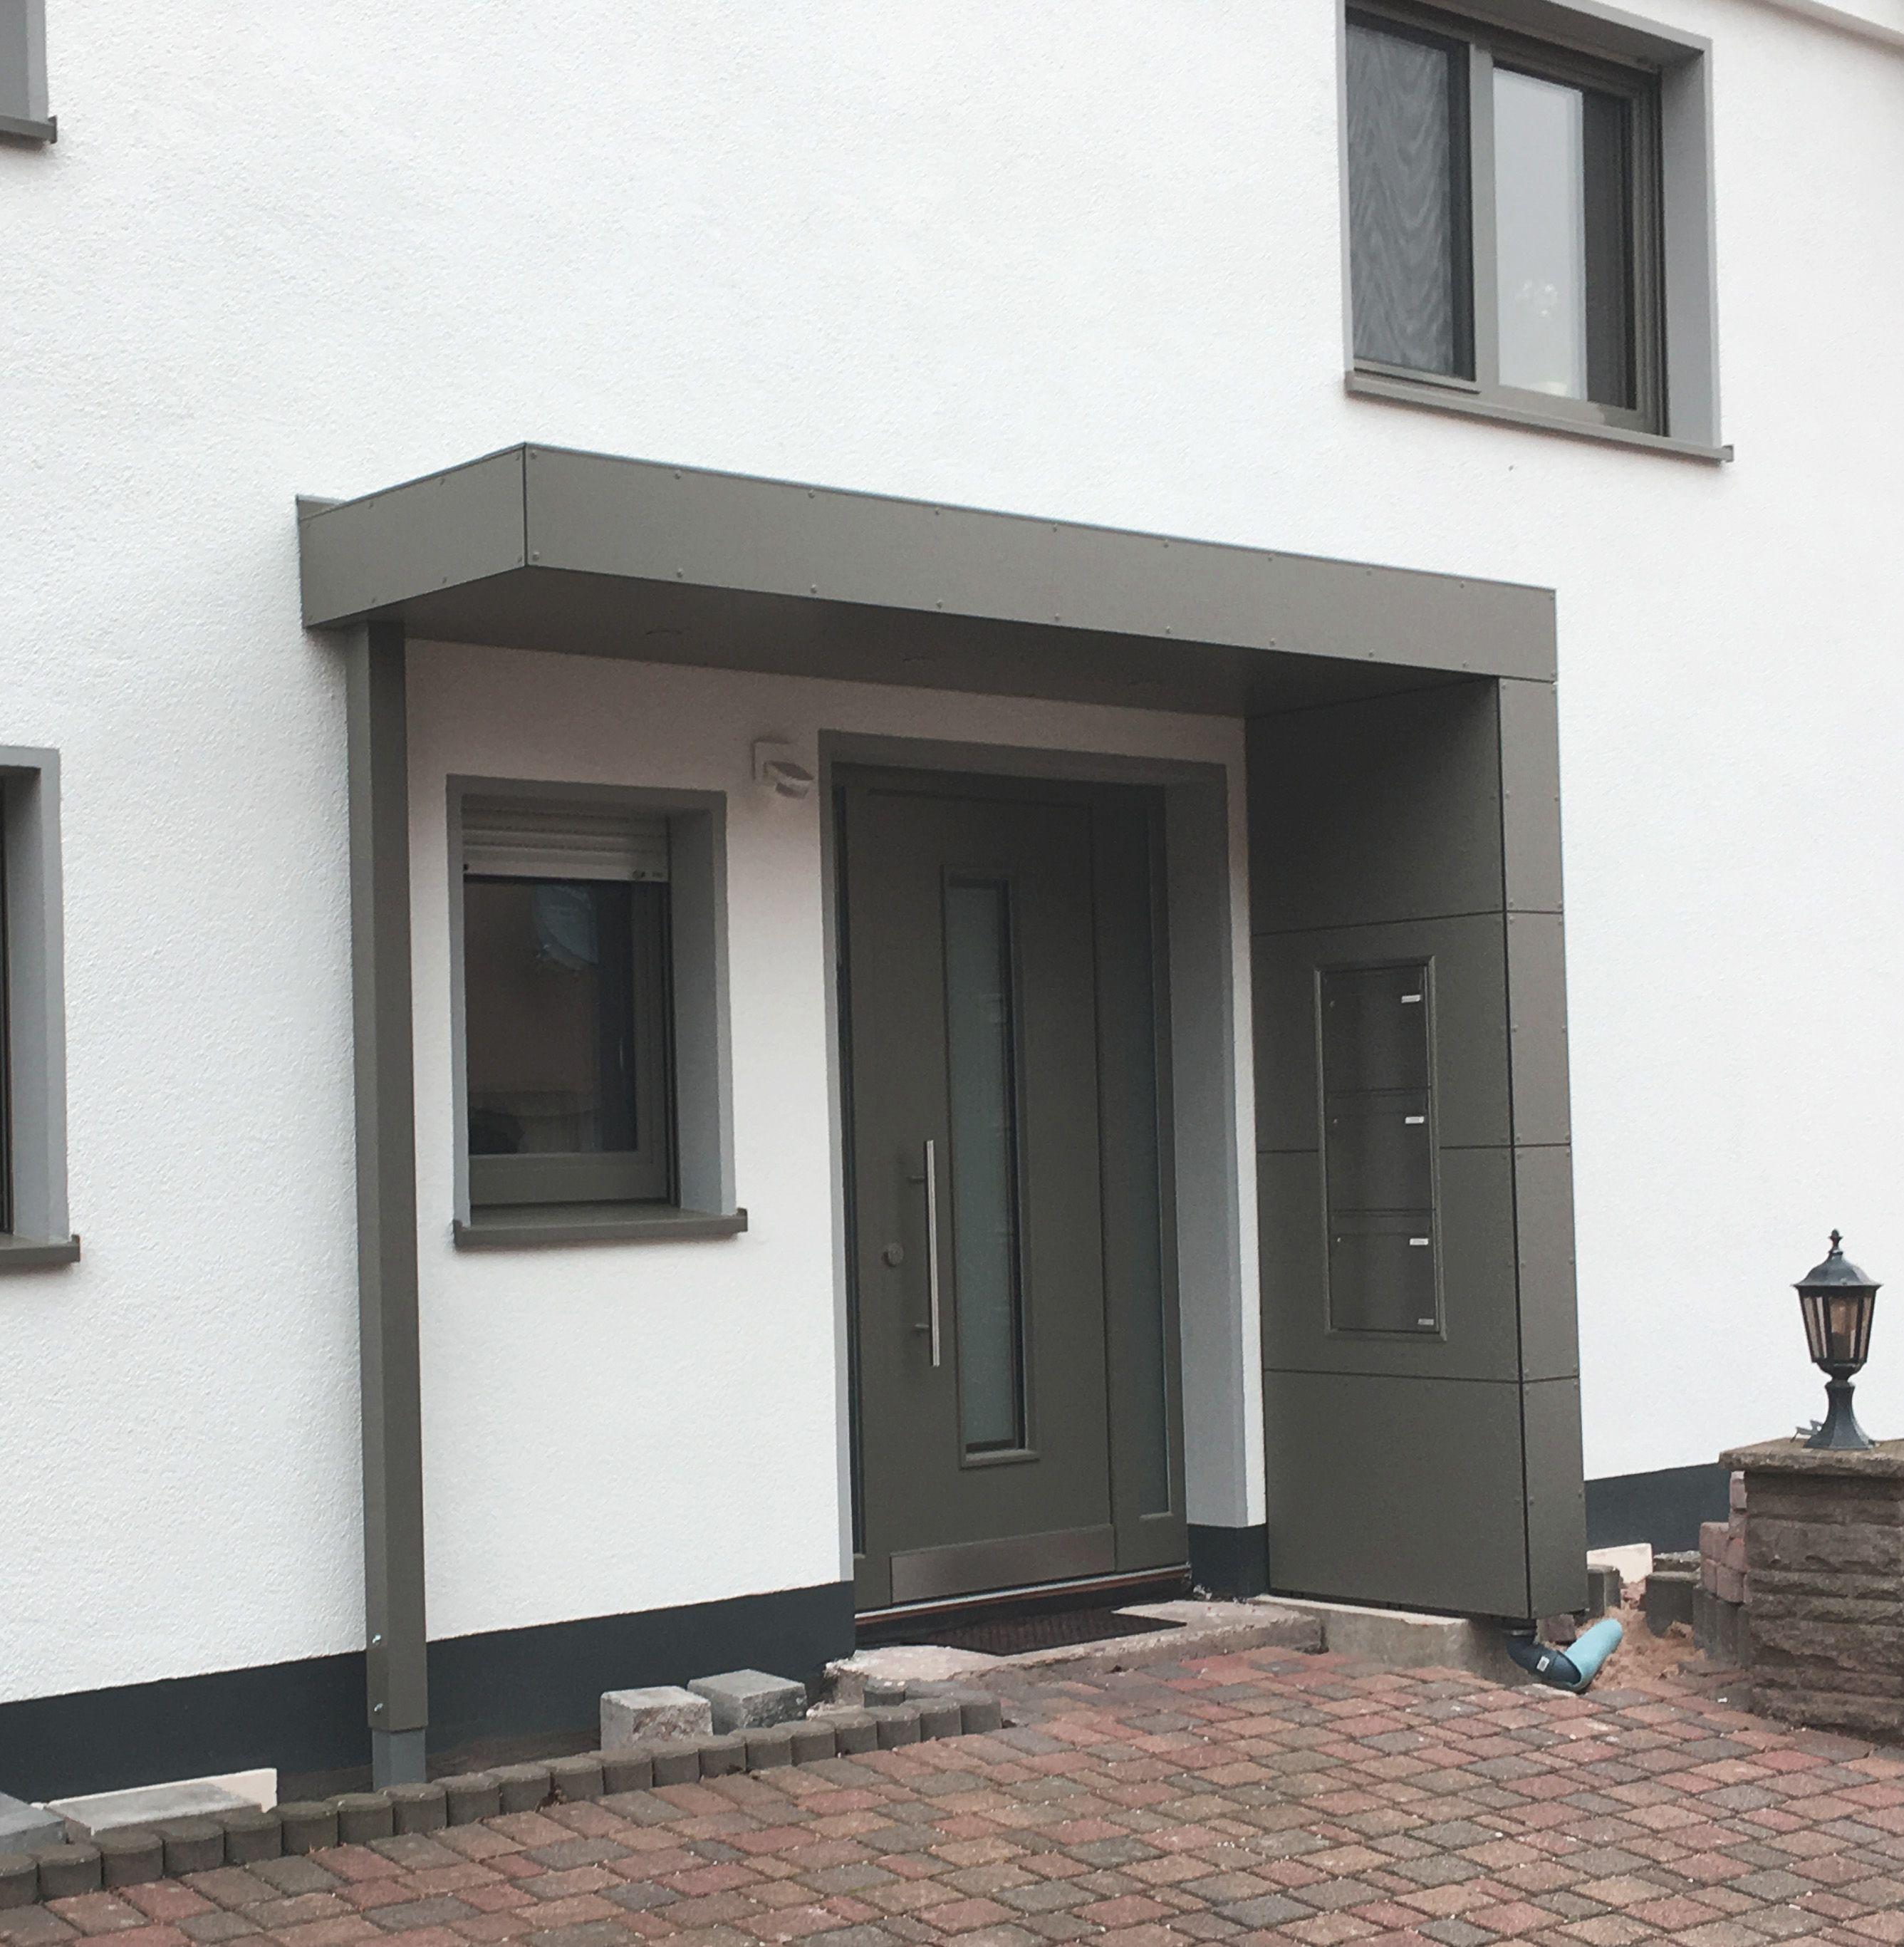 Eingangsuberdachung Farblich Abgestimmt Auf Die Haustur Und Die Fensterrahmen Mit Integriertem Briefkast Eingang Uberdachung Eingangsuberdachung Hausturvordach